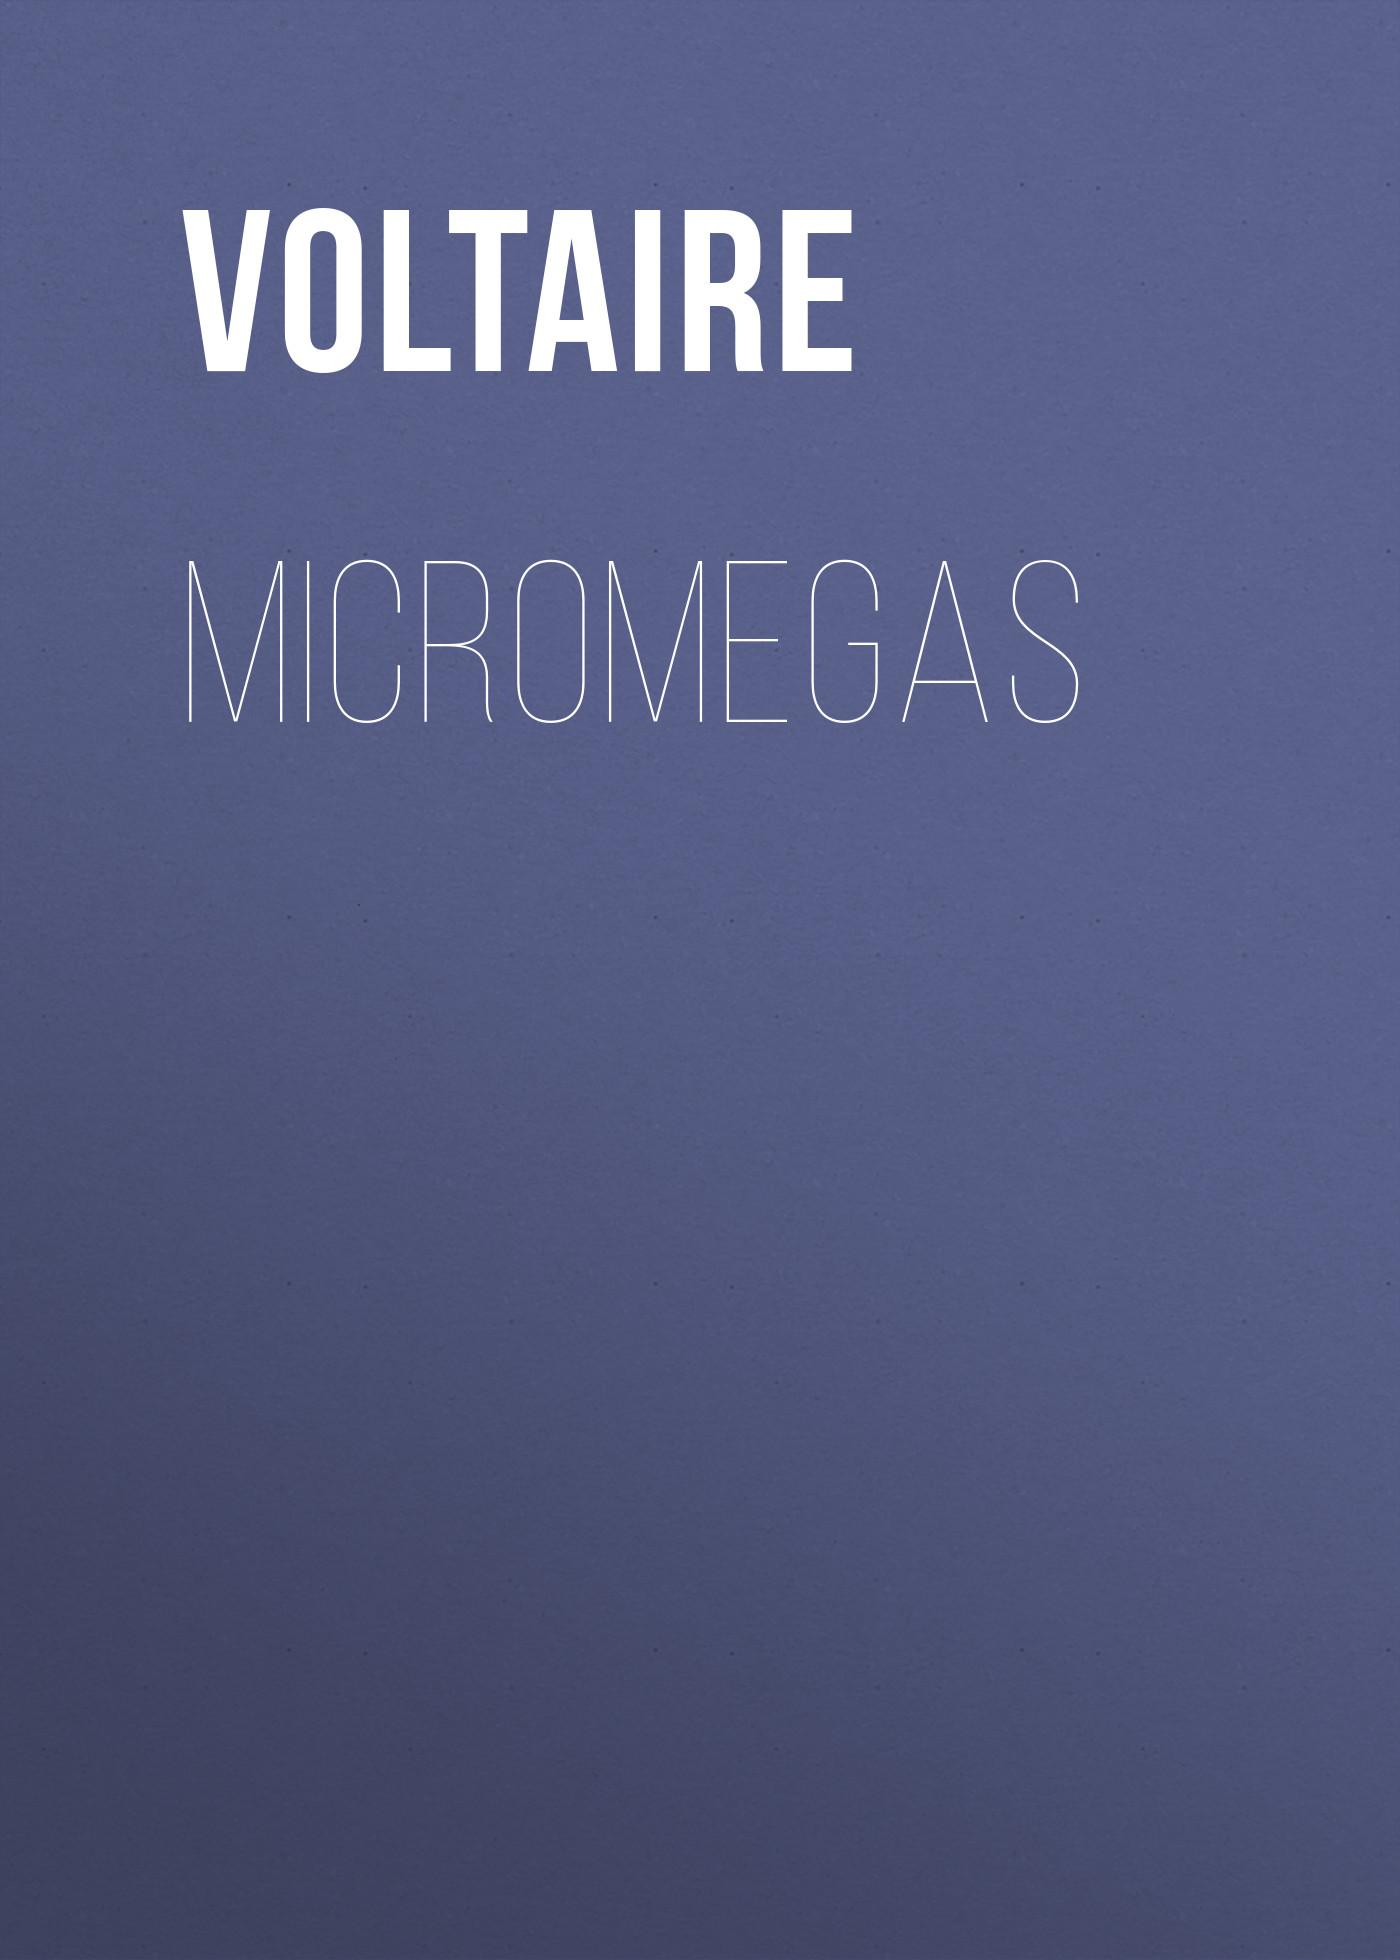 Вольтер Micromegas sailun atrezzo elite 195 65 r15 91v